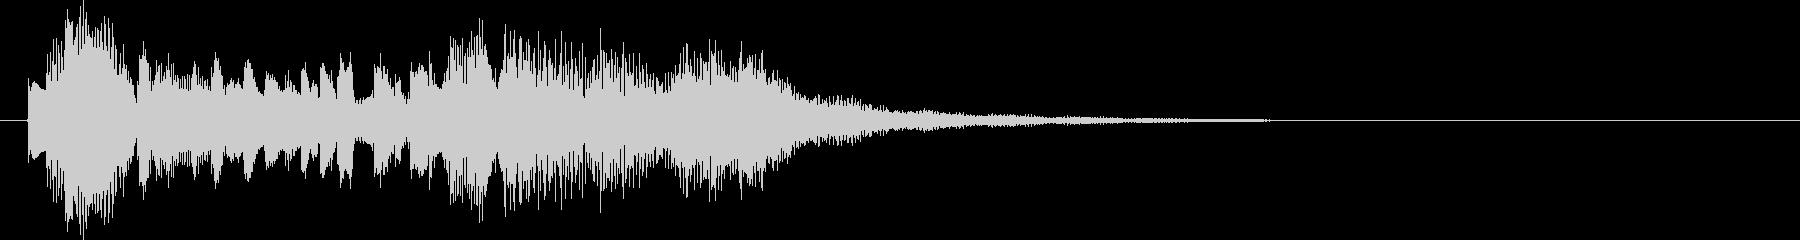 エレピの音でジャジーなジングル、ロゴの未再生の波形